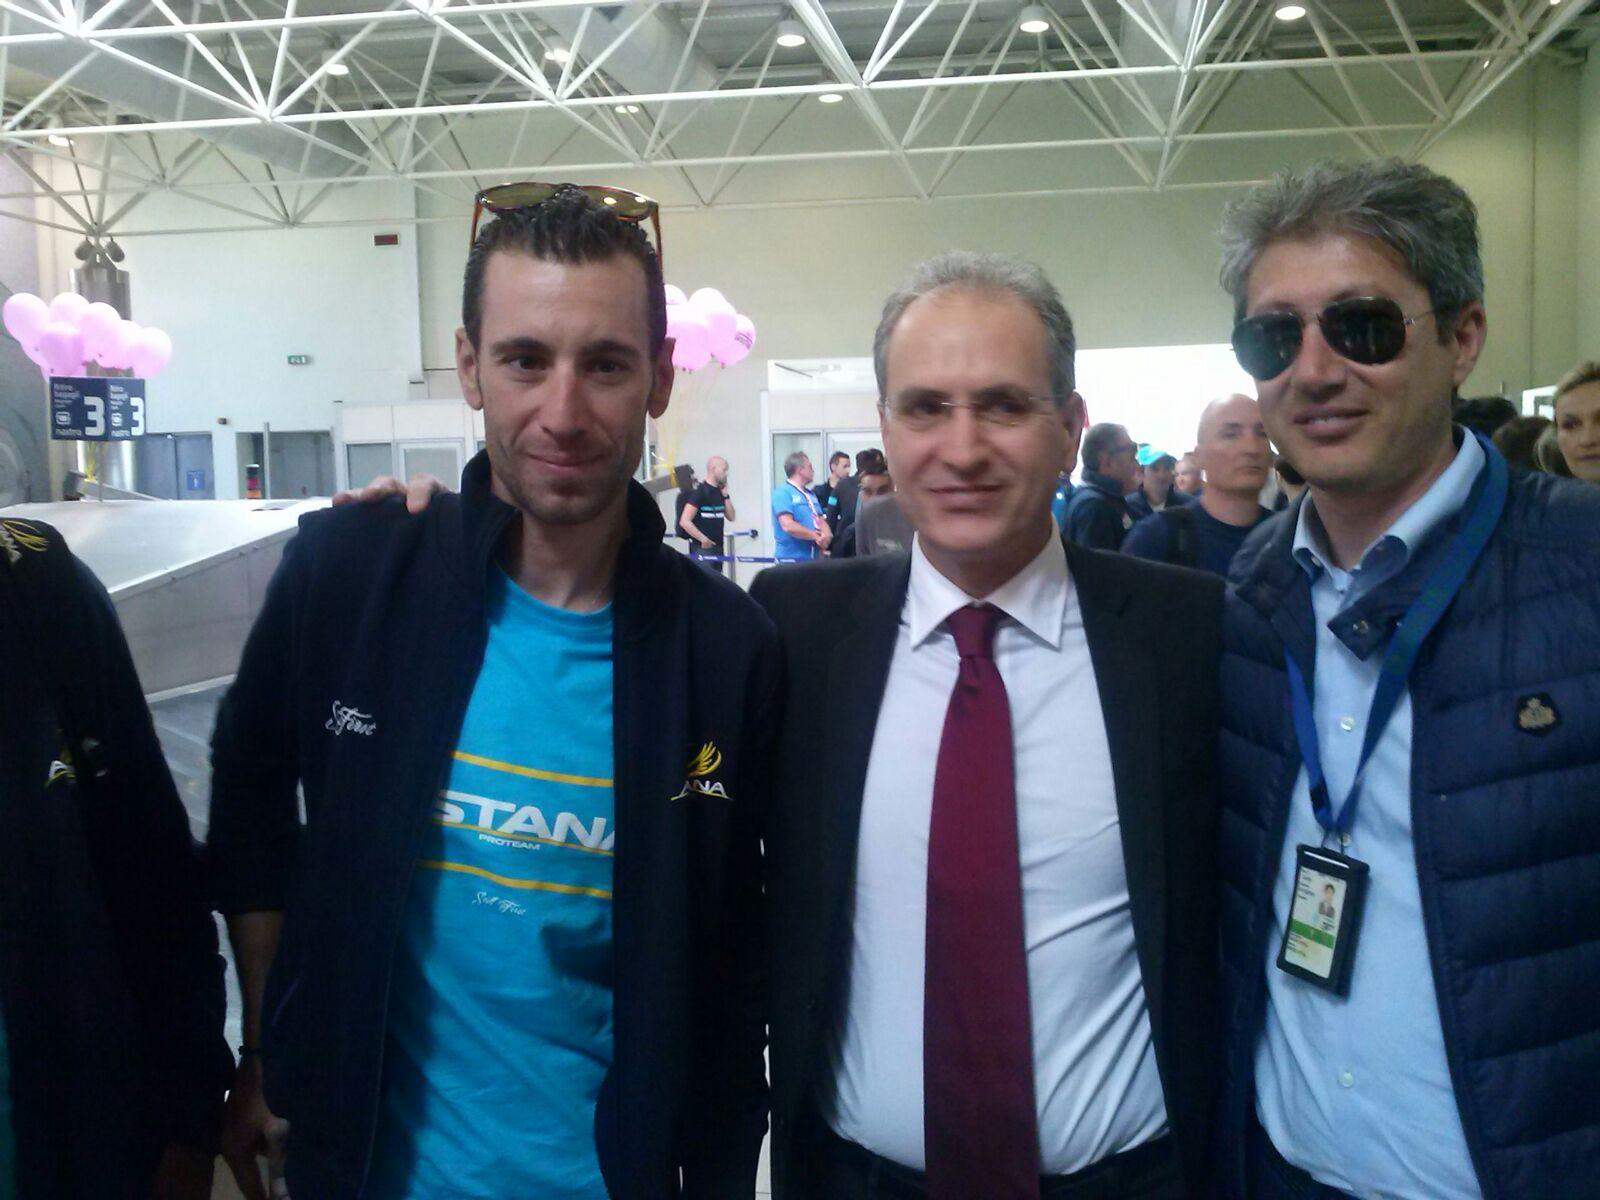 Giro d'Italia, ciclisti e carovana giunti a LameziaAccoglienza festosa in aeroporto, acclamato Nibali